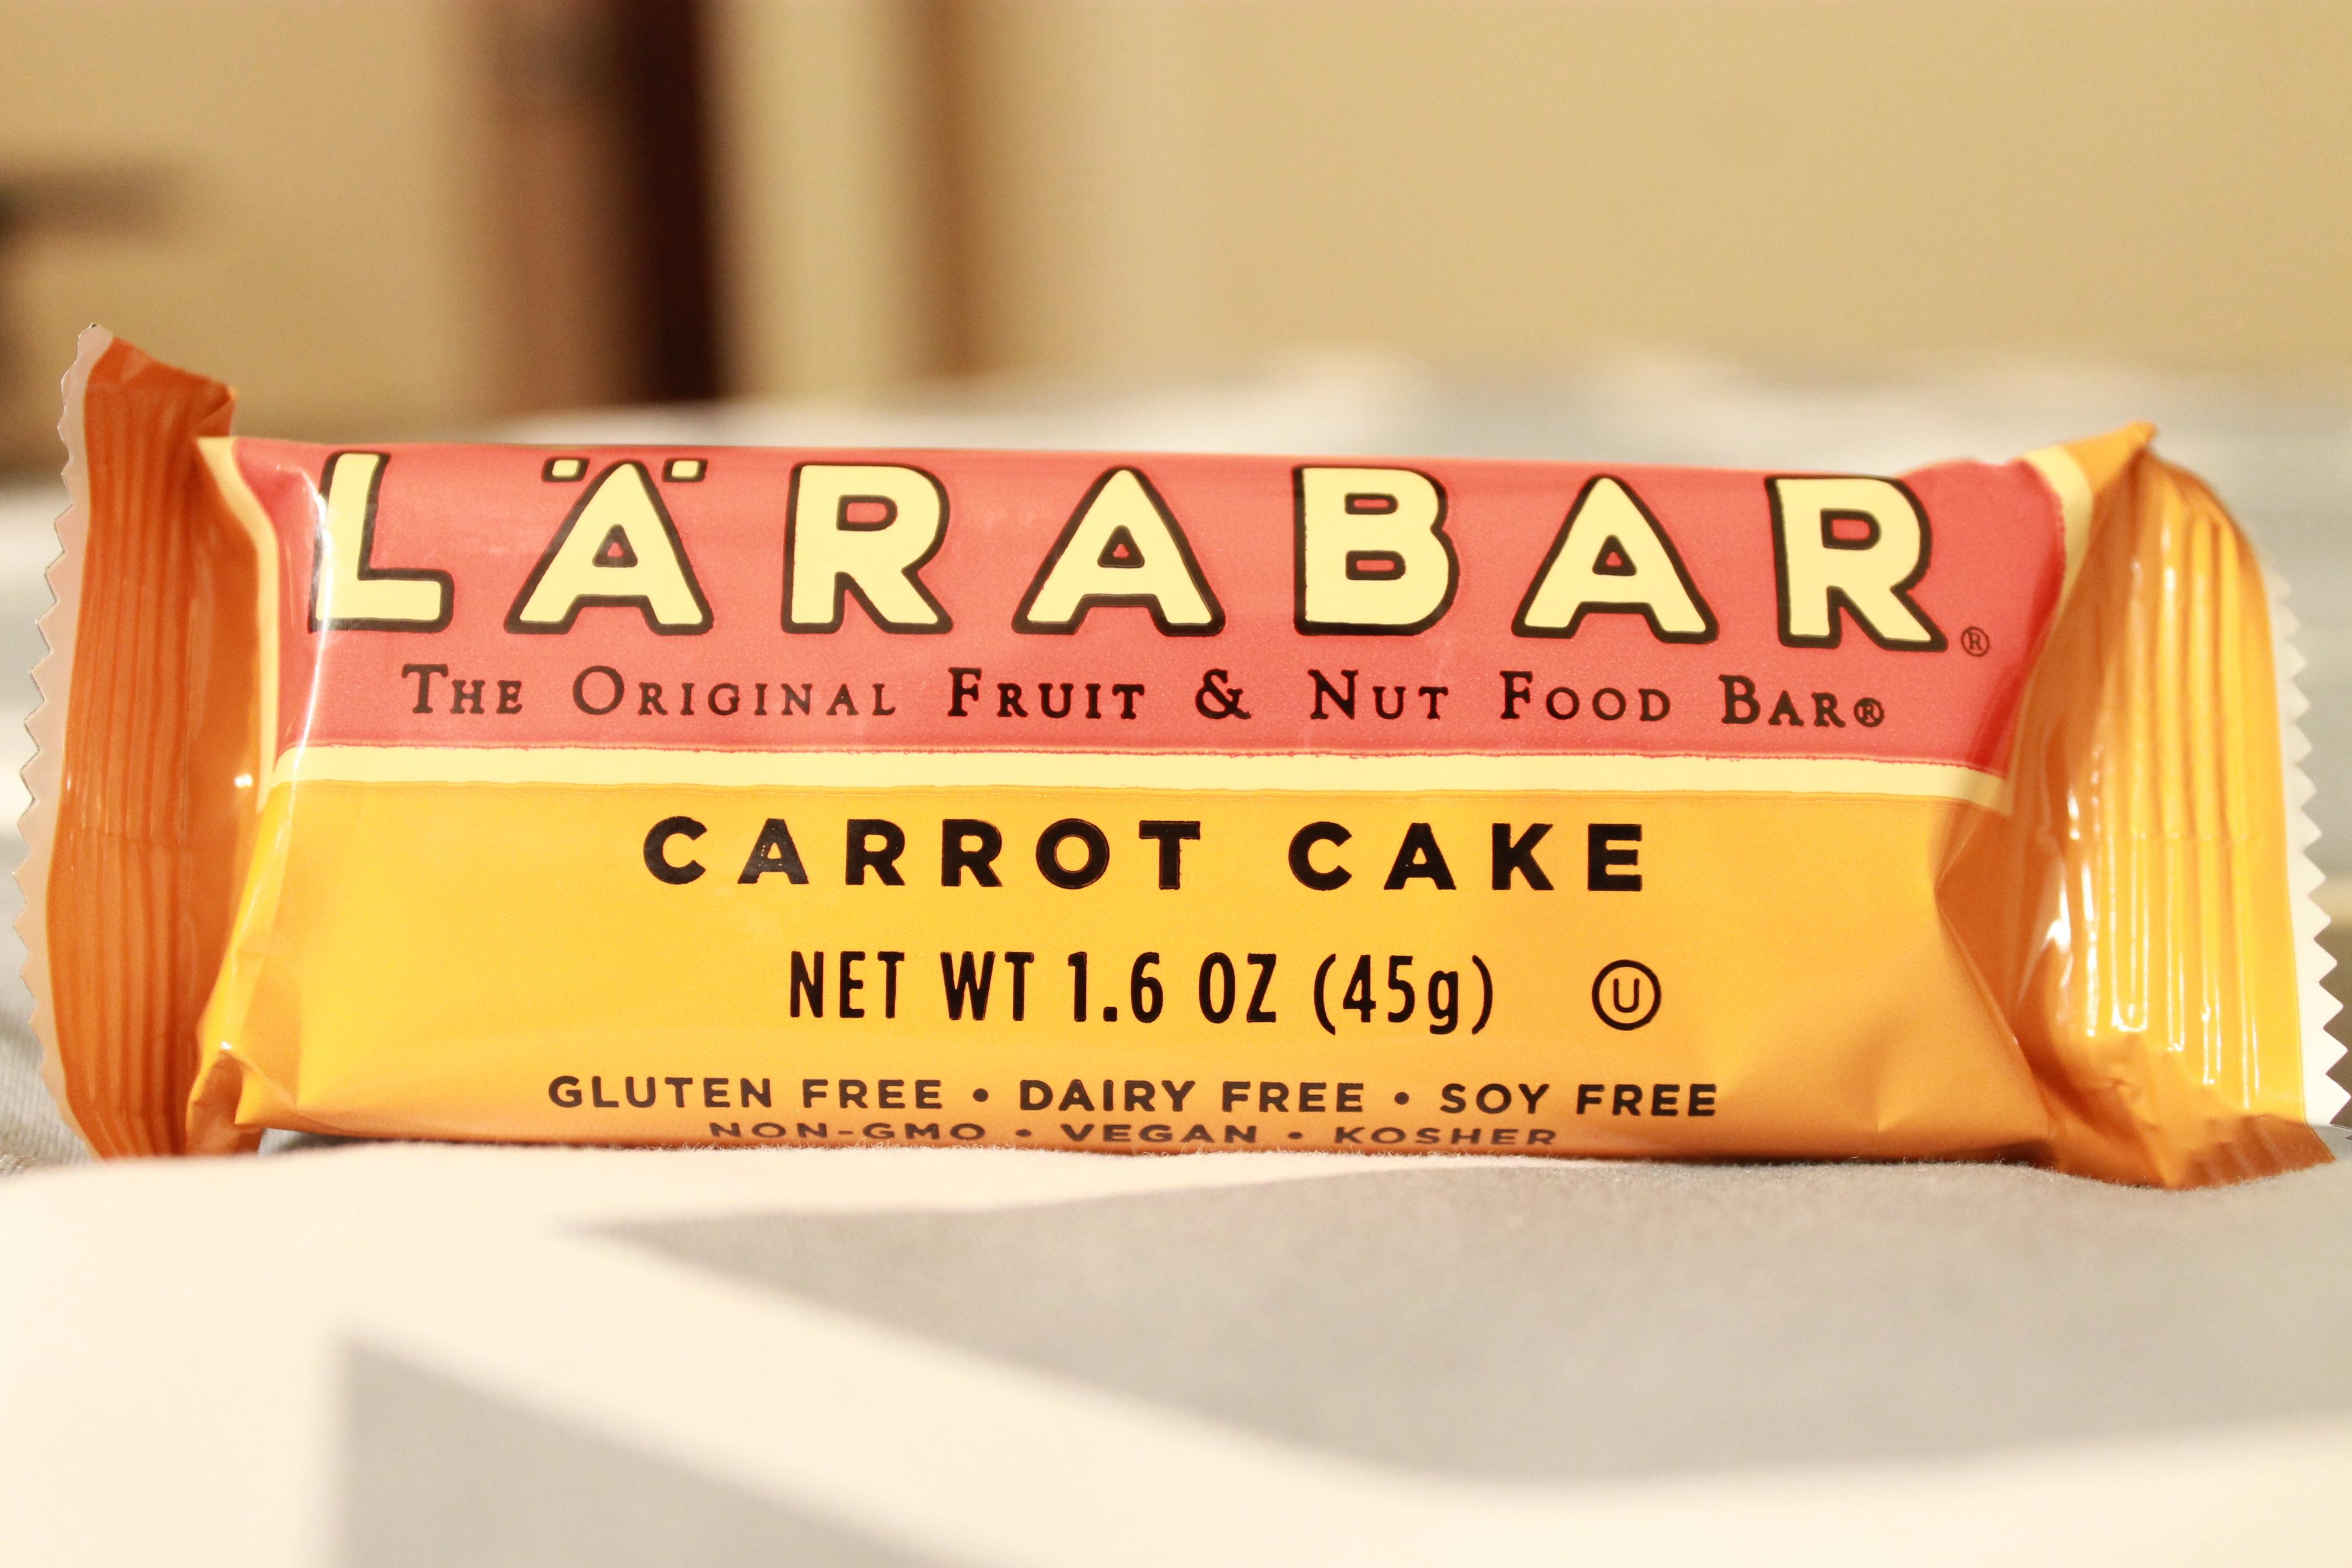 Carrot Cake Larabar